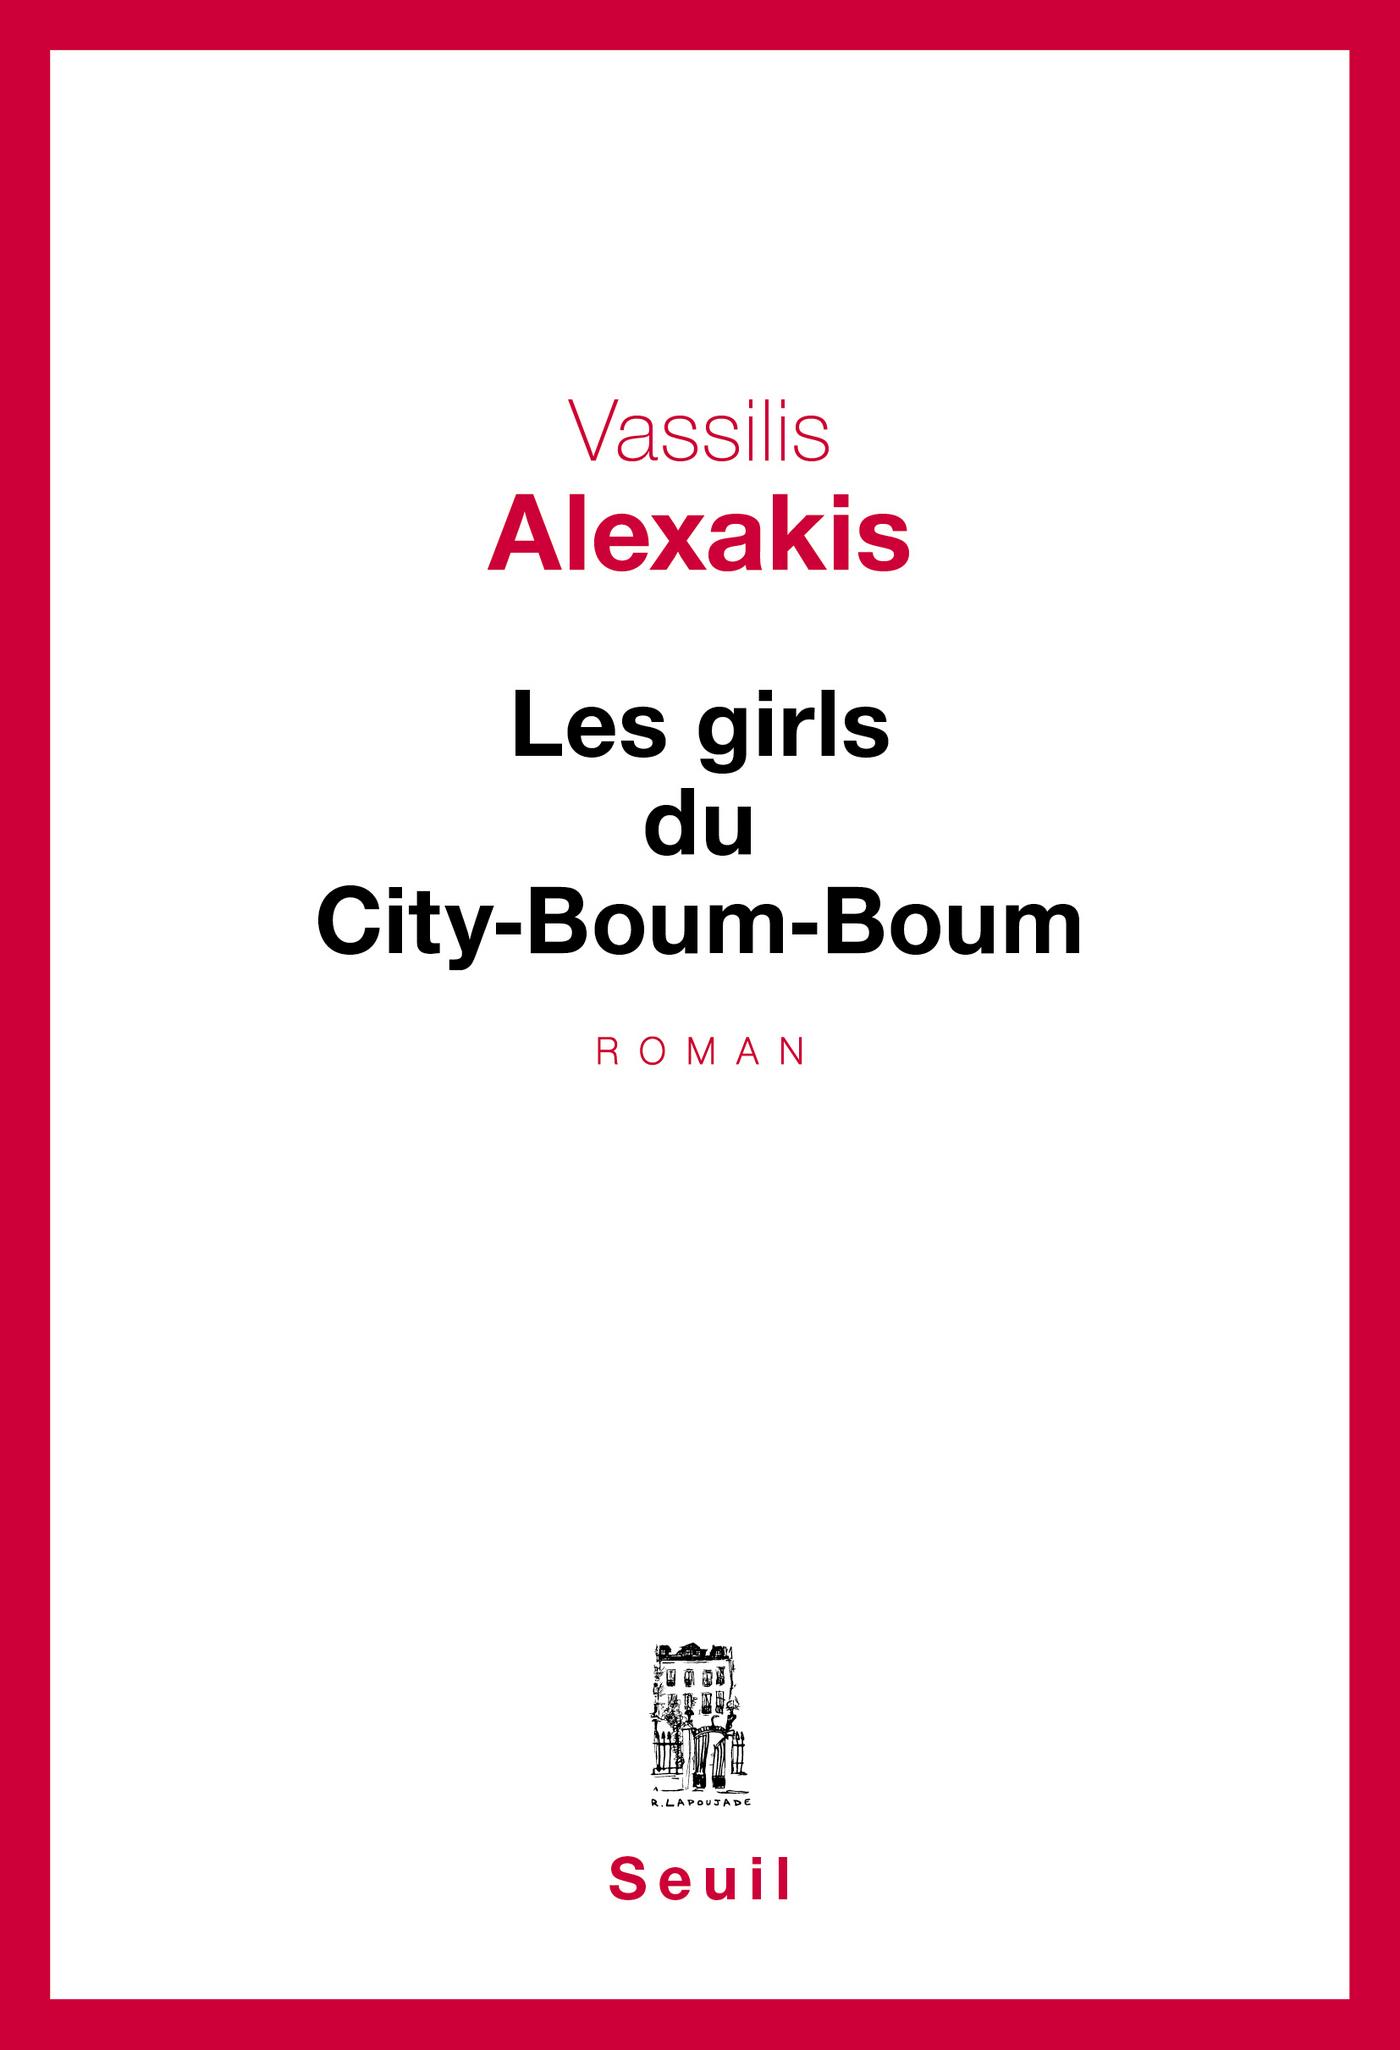 Les Girls du City-Boum-Boum